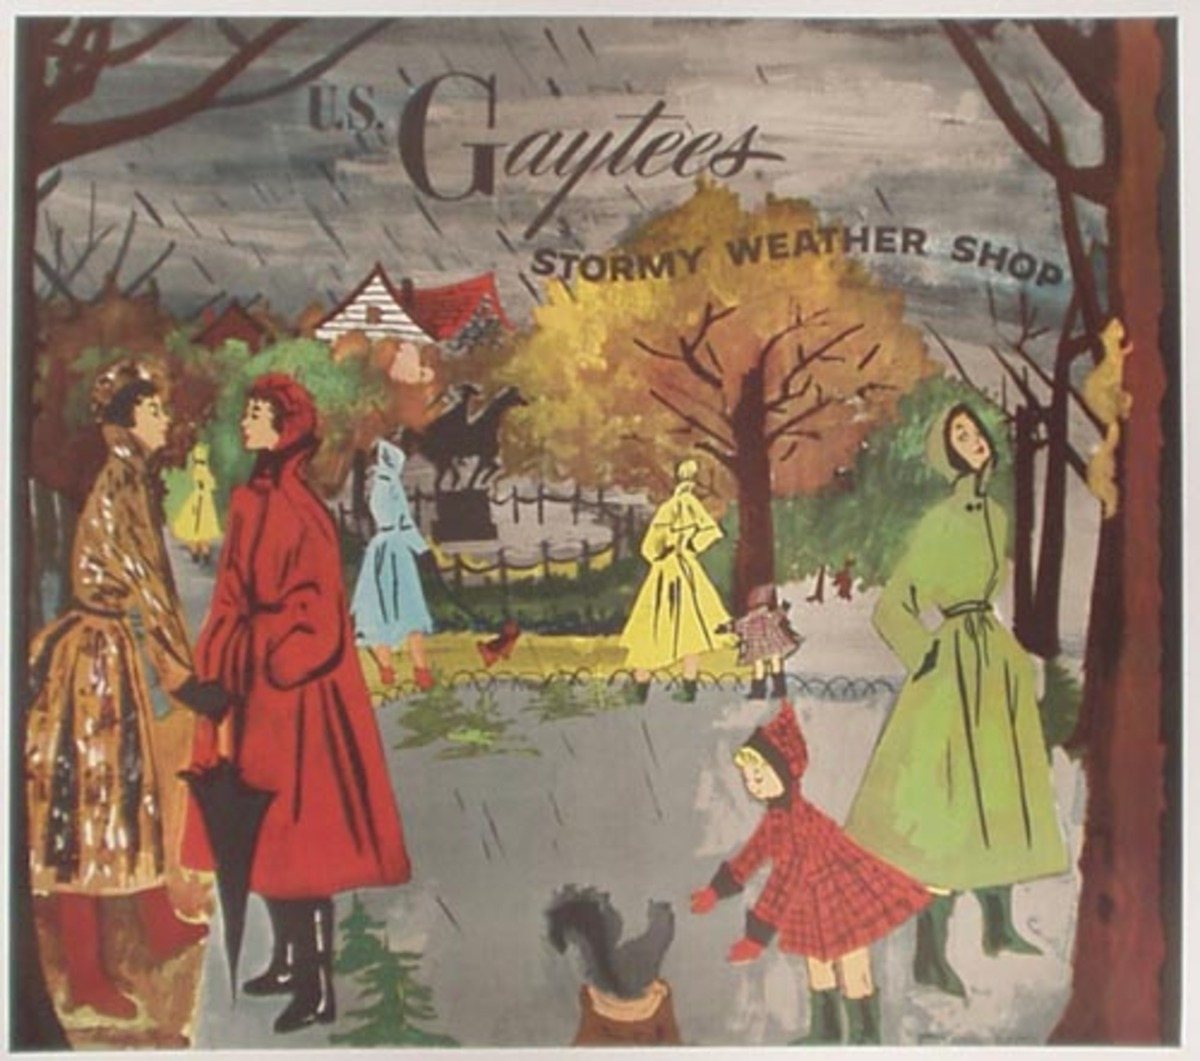 Original Vintage US Gaytees Stormy Weather Raincoat Advertising Poster